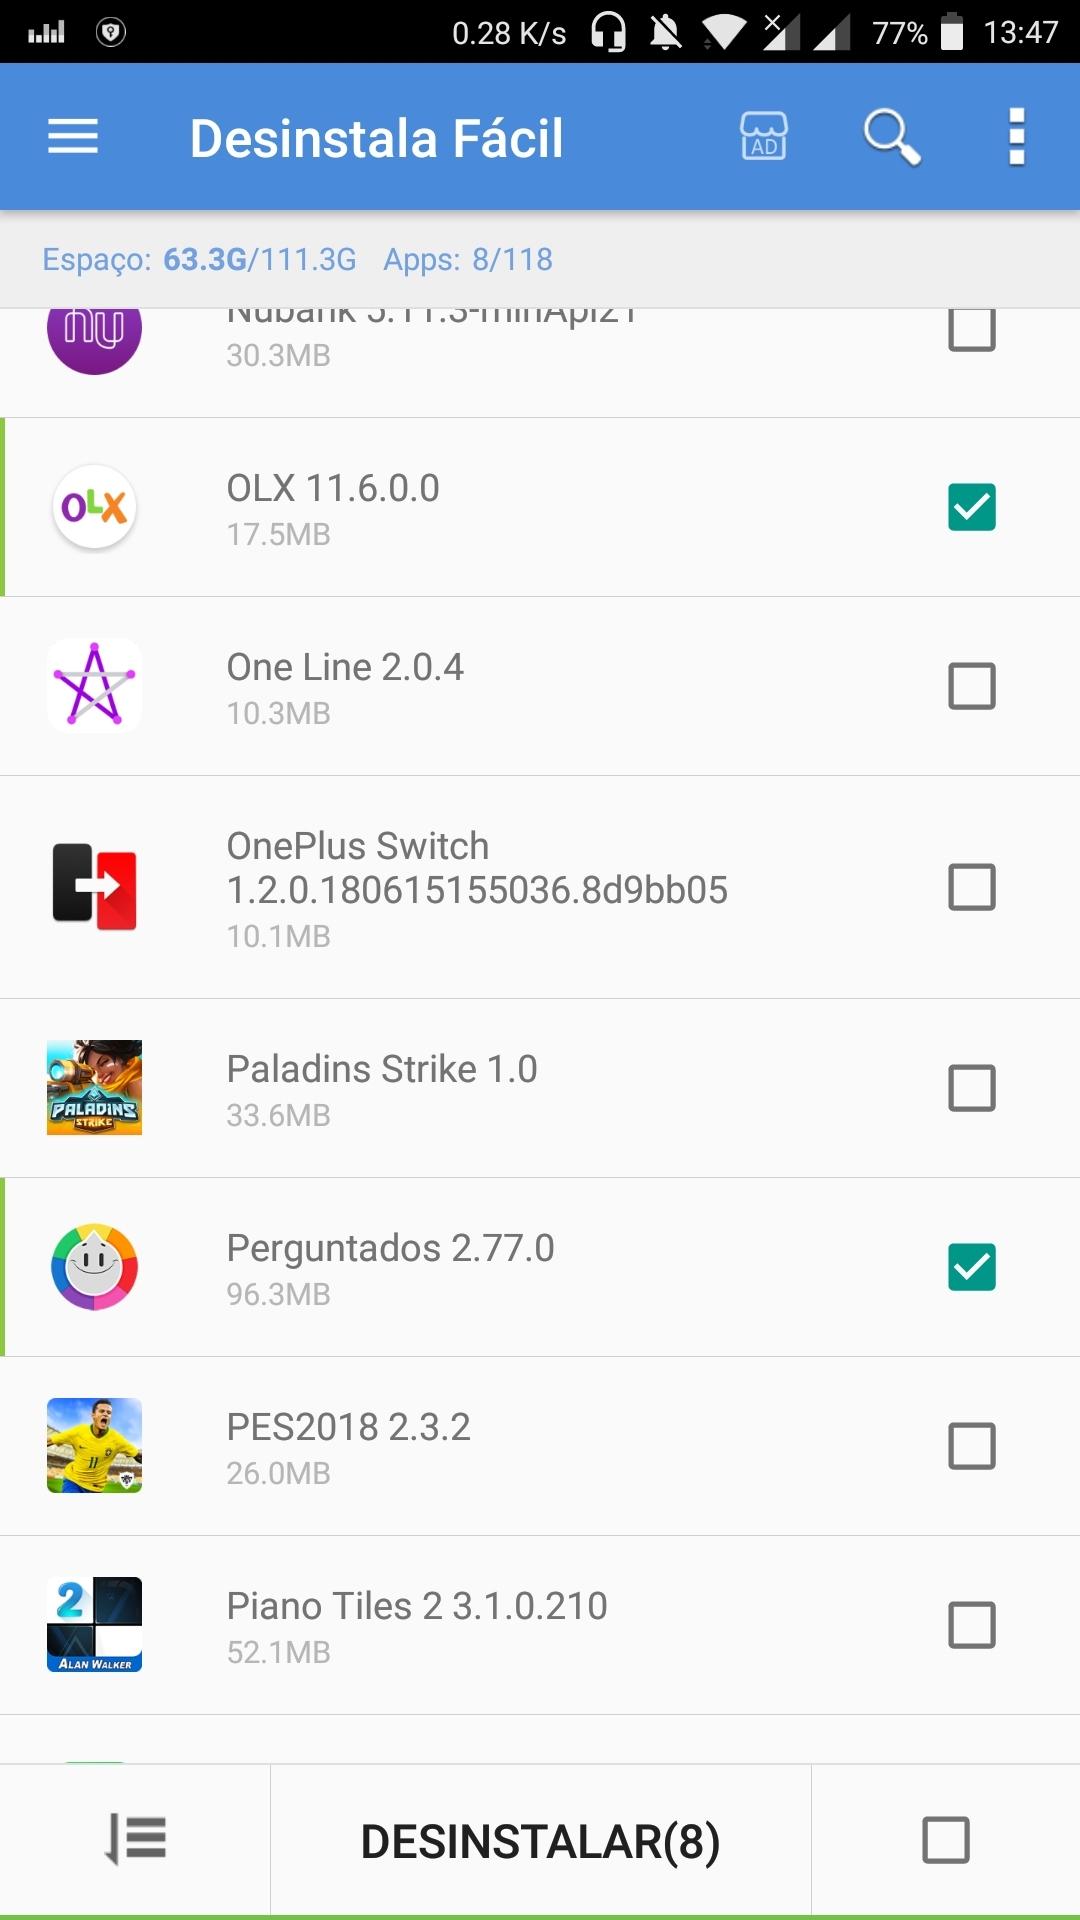 Desinstalar vários aplicativos de uma só vez